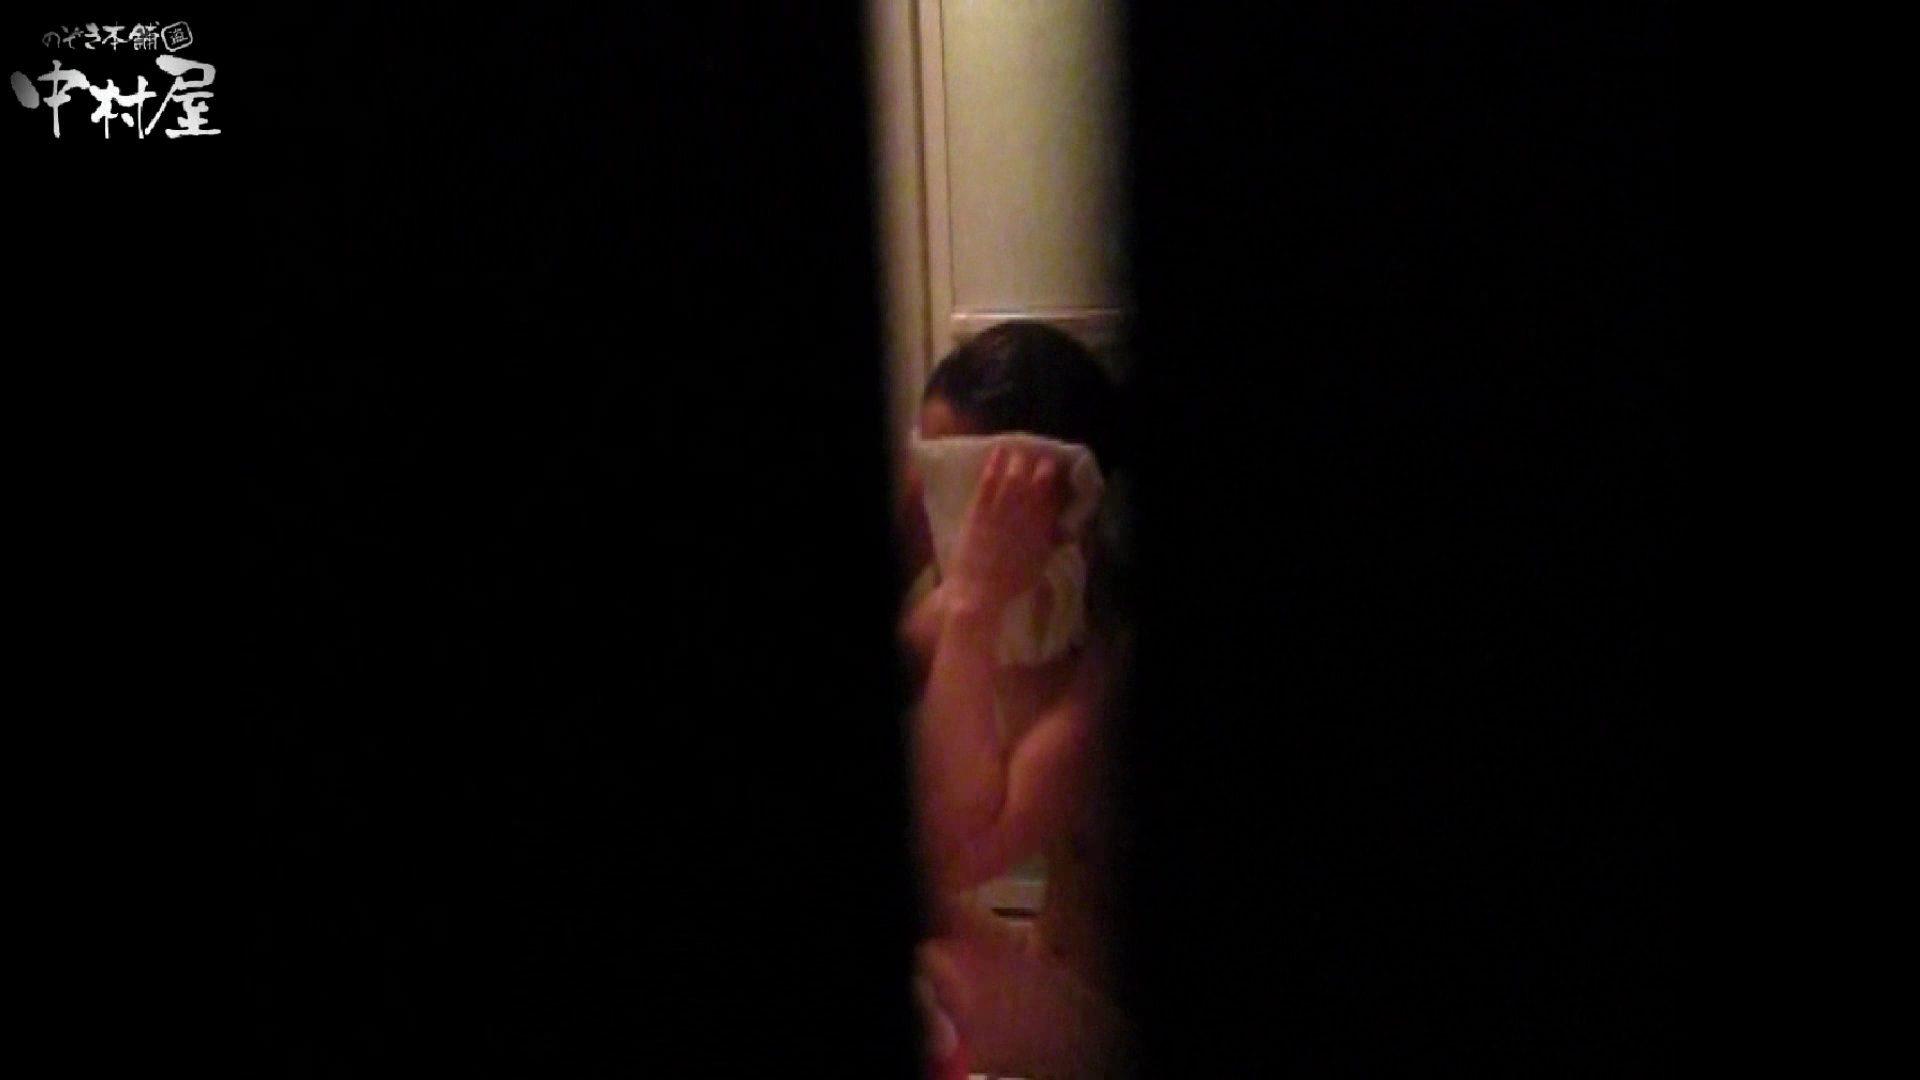 民家風呂専門盗撮師の超危険映像 vol.004 美女まとめ 盗撮画像 89PIX 13